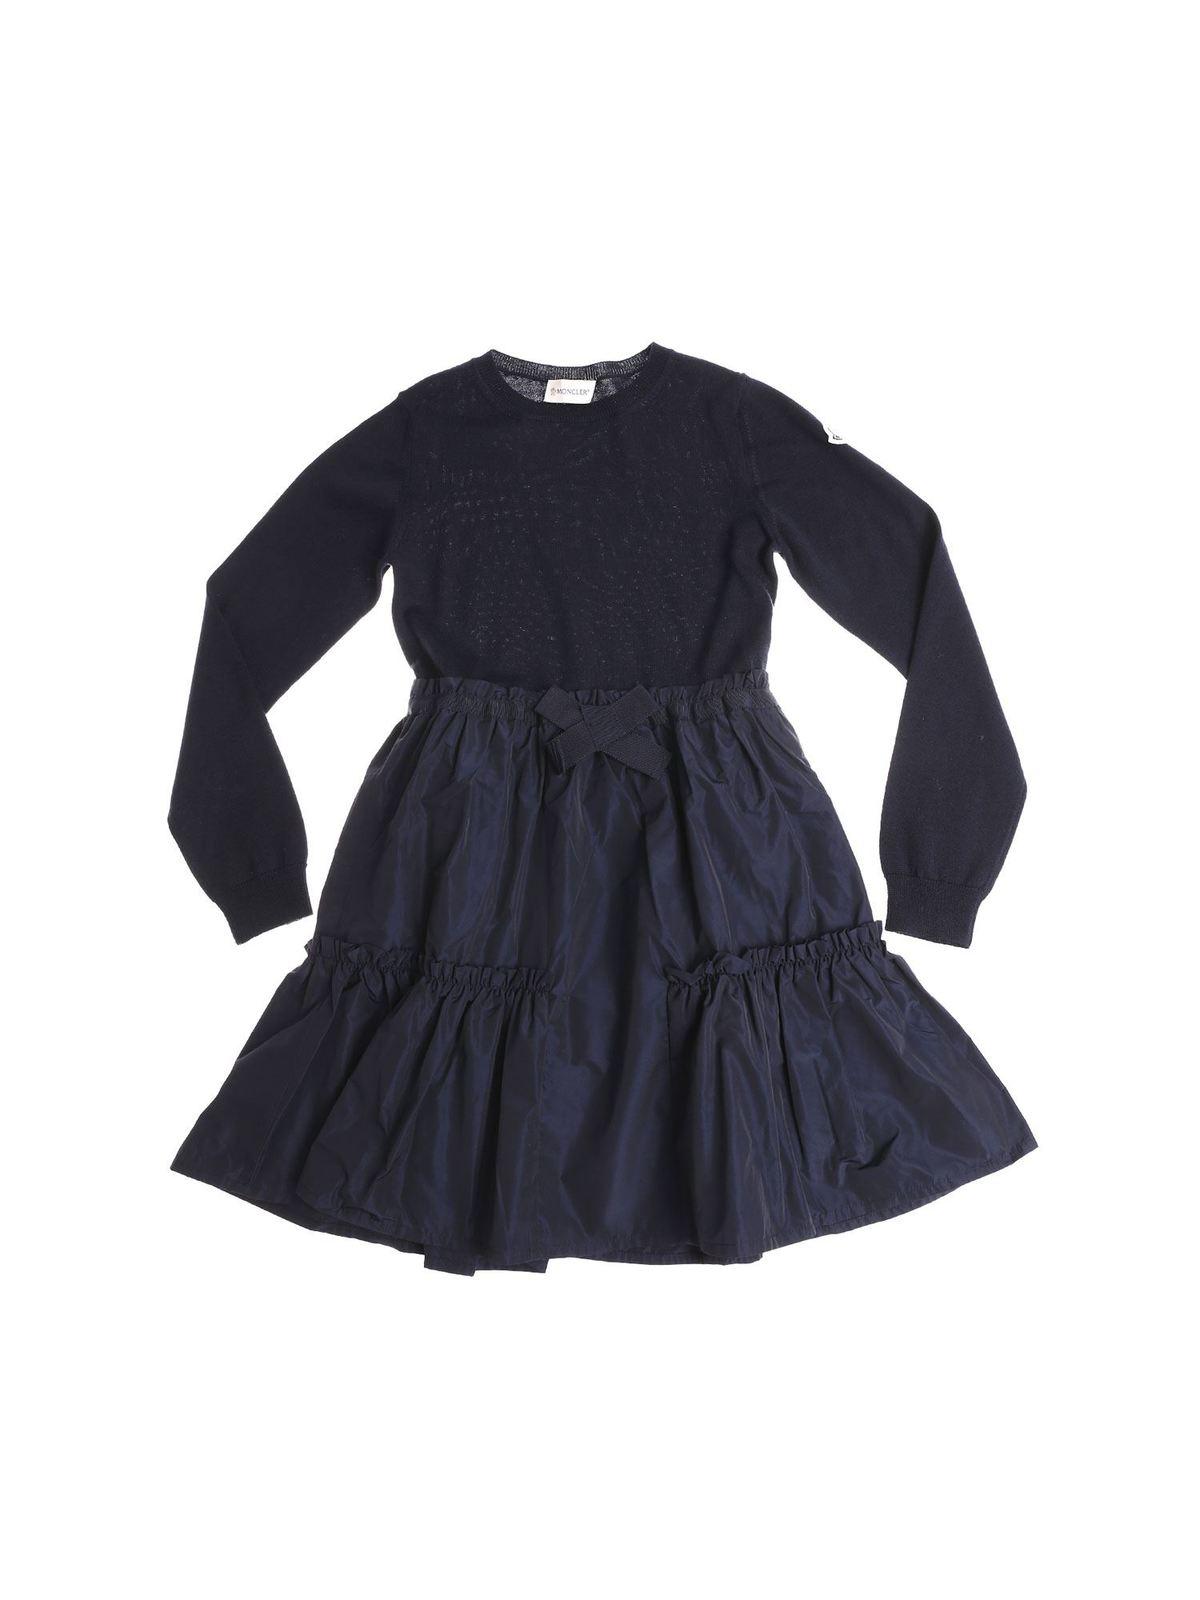 MONCLER JR BLUE VIRGIN WOOL DRESS WITH FLOUNCED SKIRT